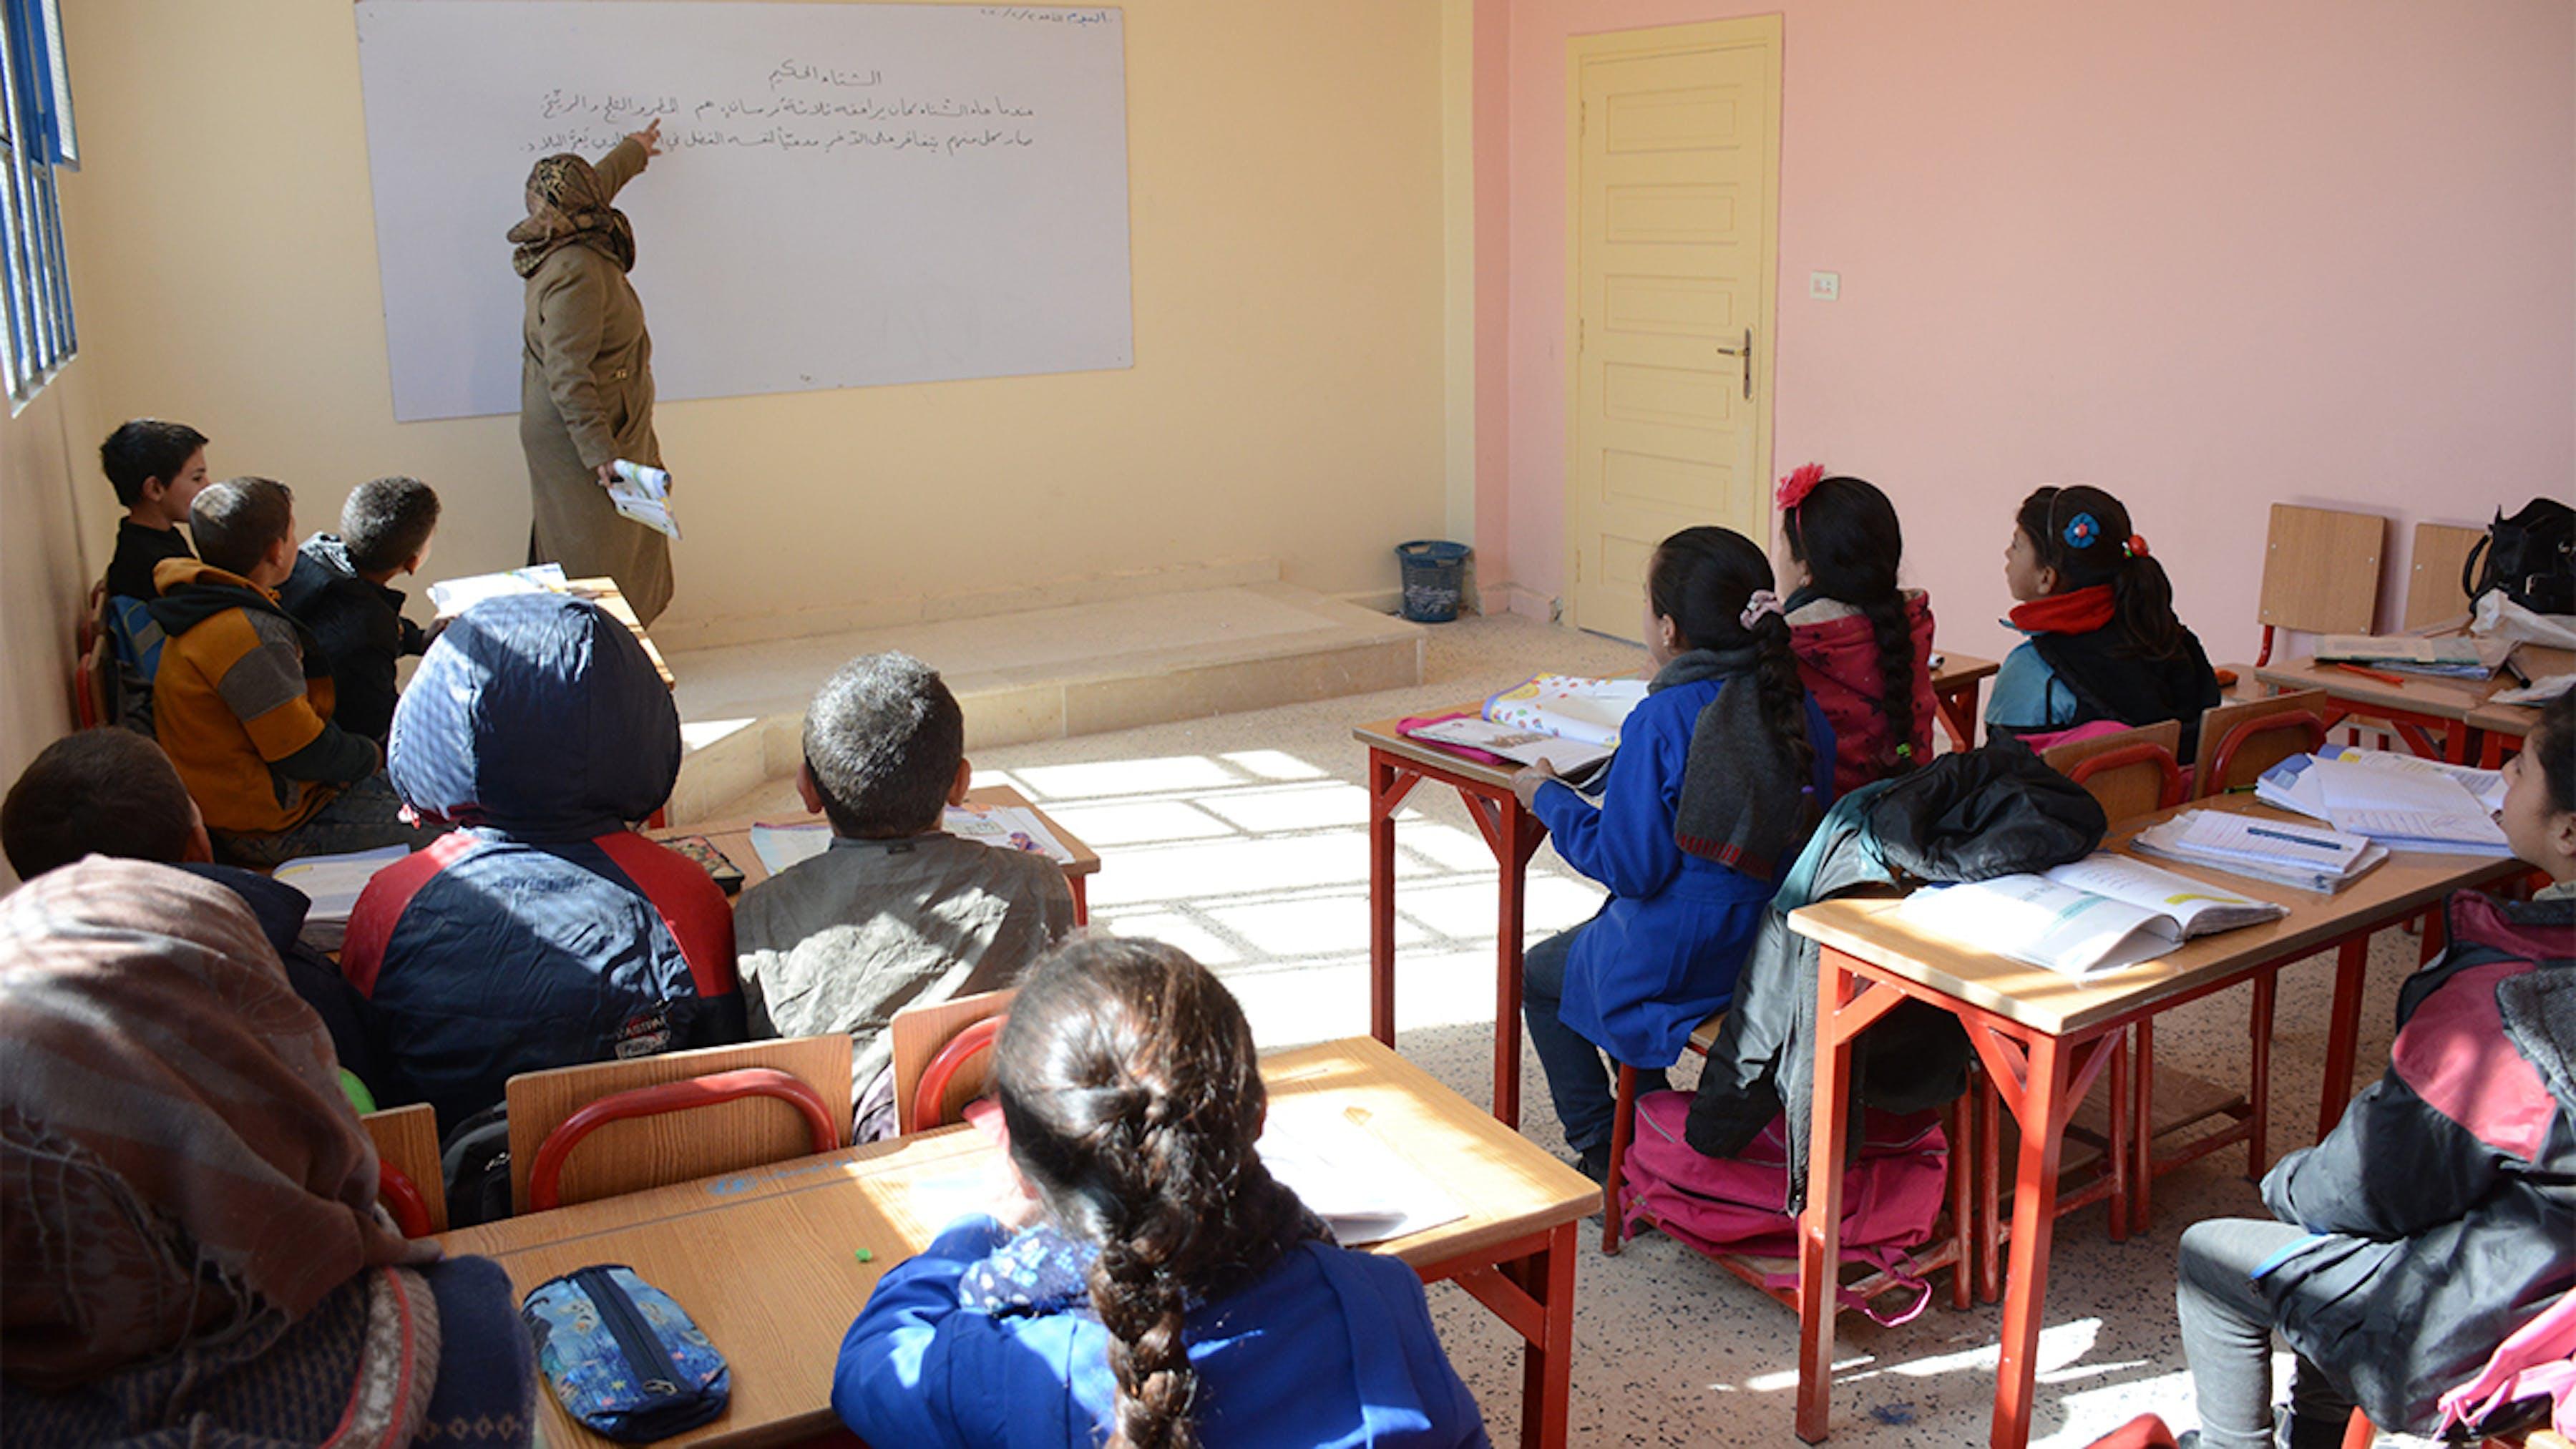 DOPO: aula ricostruita nella scuola Reyad Hamoud a Maheen, nel sud rurale di Homs.